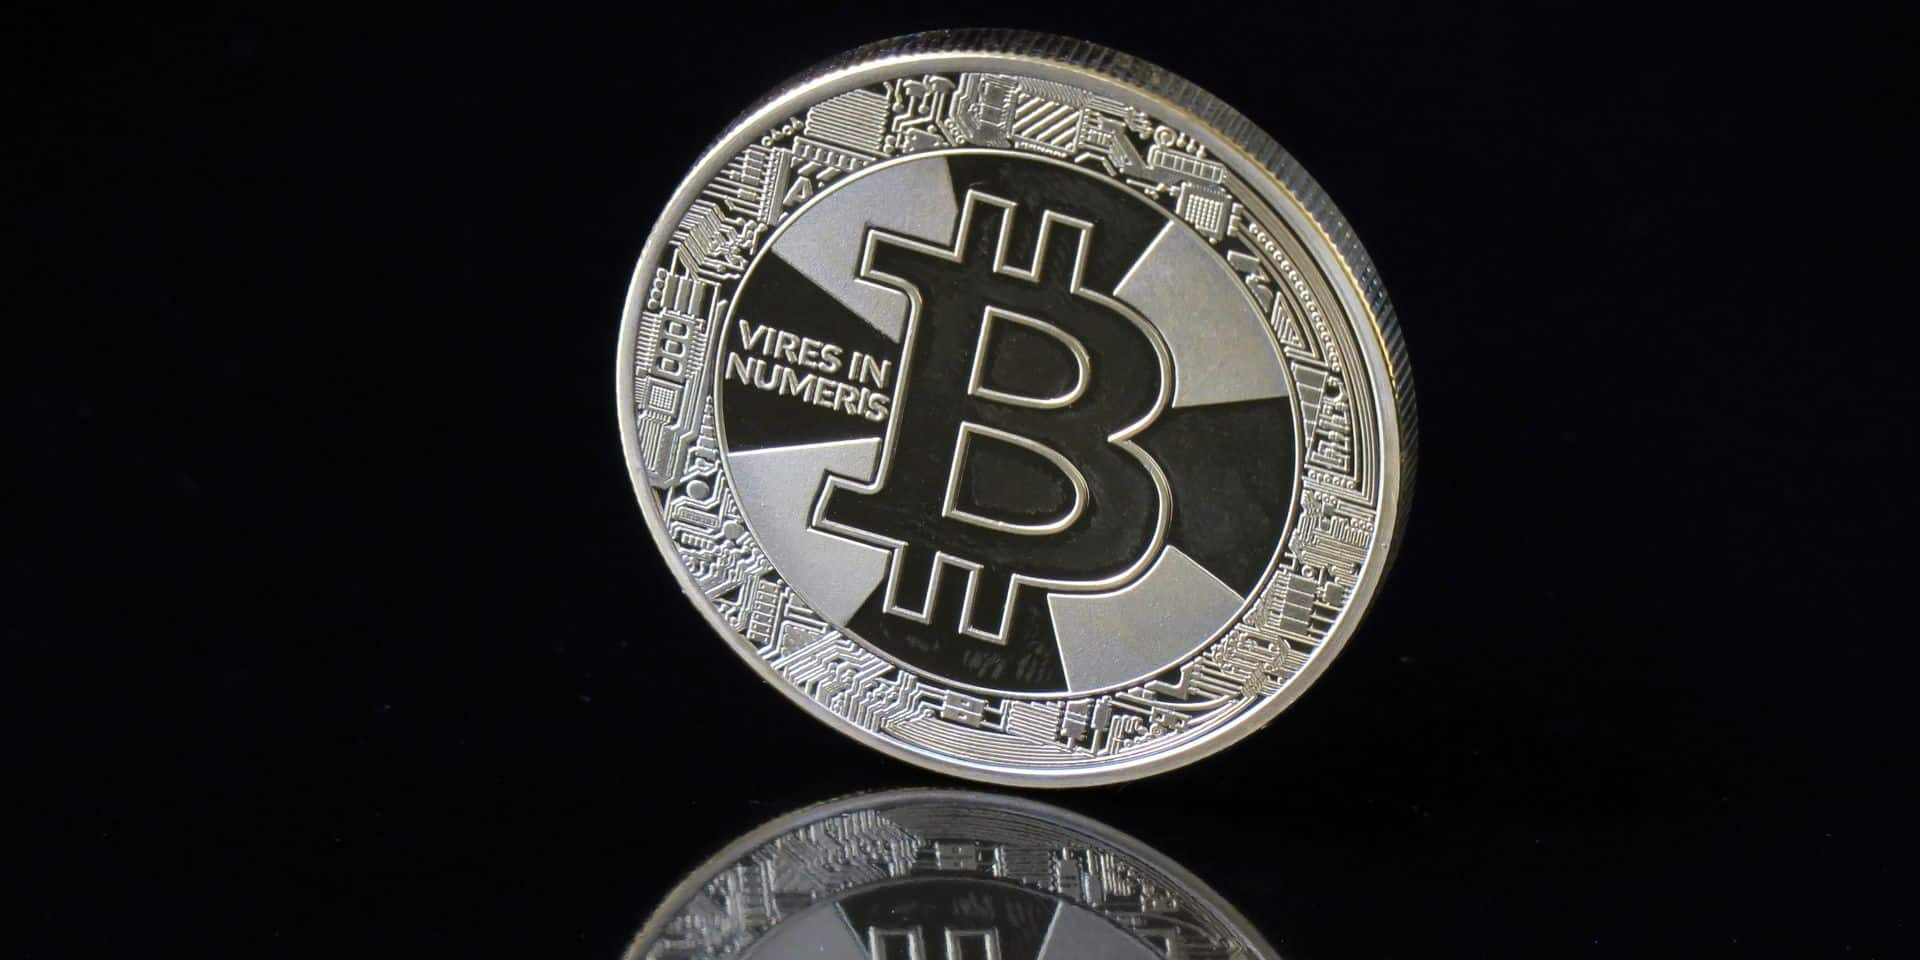 Régulateurs aux aguets et panne chinoise... sale week-end pour le bitcoin